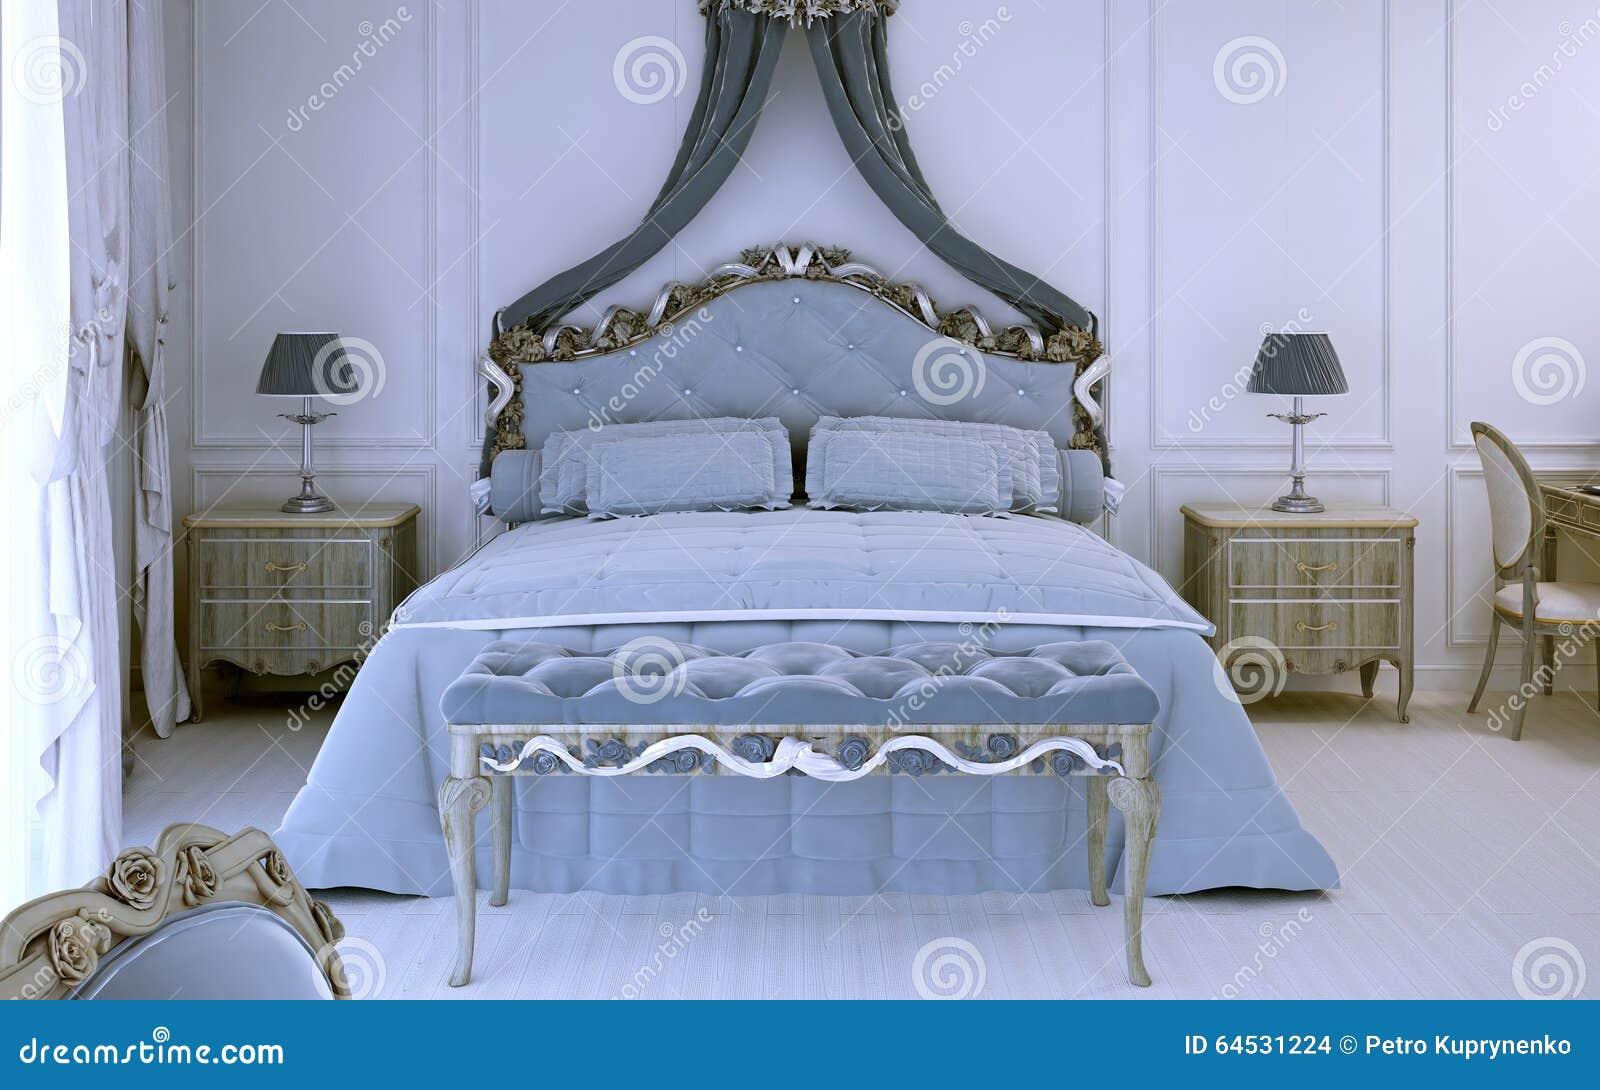 Letti Matrimoniali Di Lusso : Vista frontale su letto matrimoniale di lusso fotografia stock